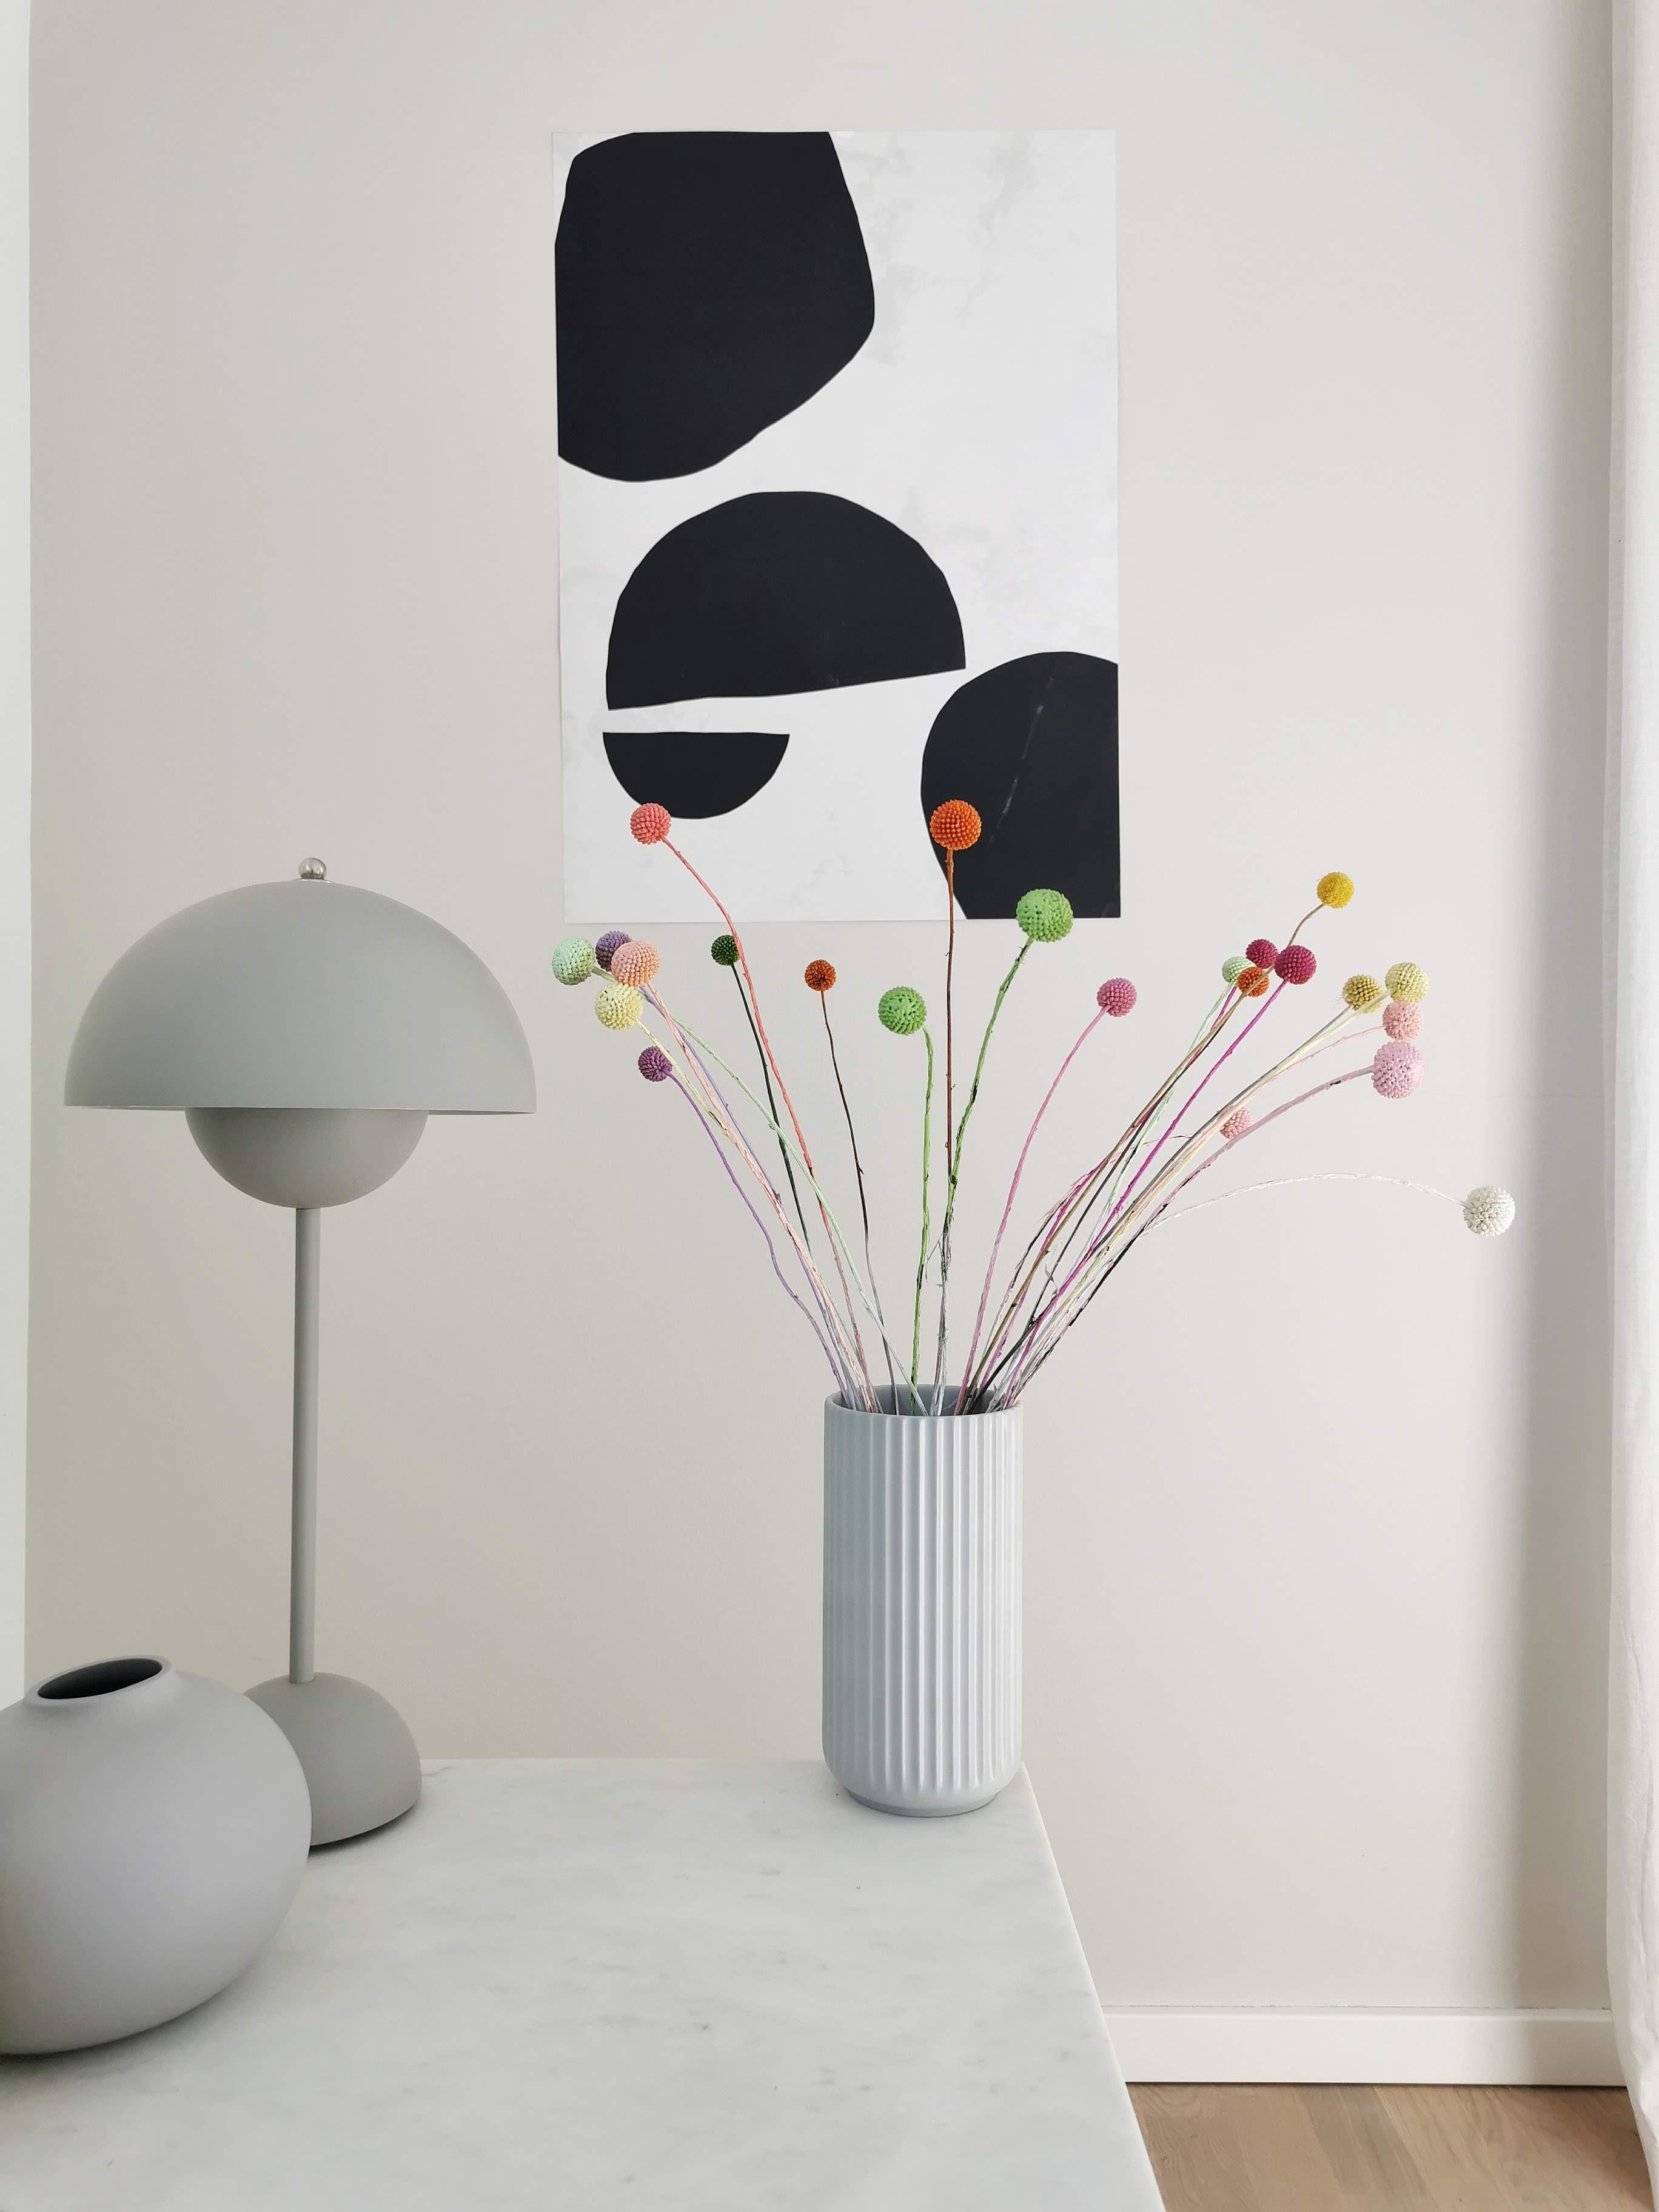 Kerzenständer mit Trockenblumen, bunten Craspedia und Gräsern aufhübschen | mammilade.com